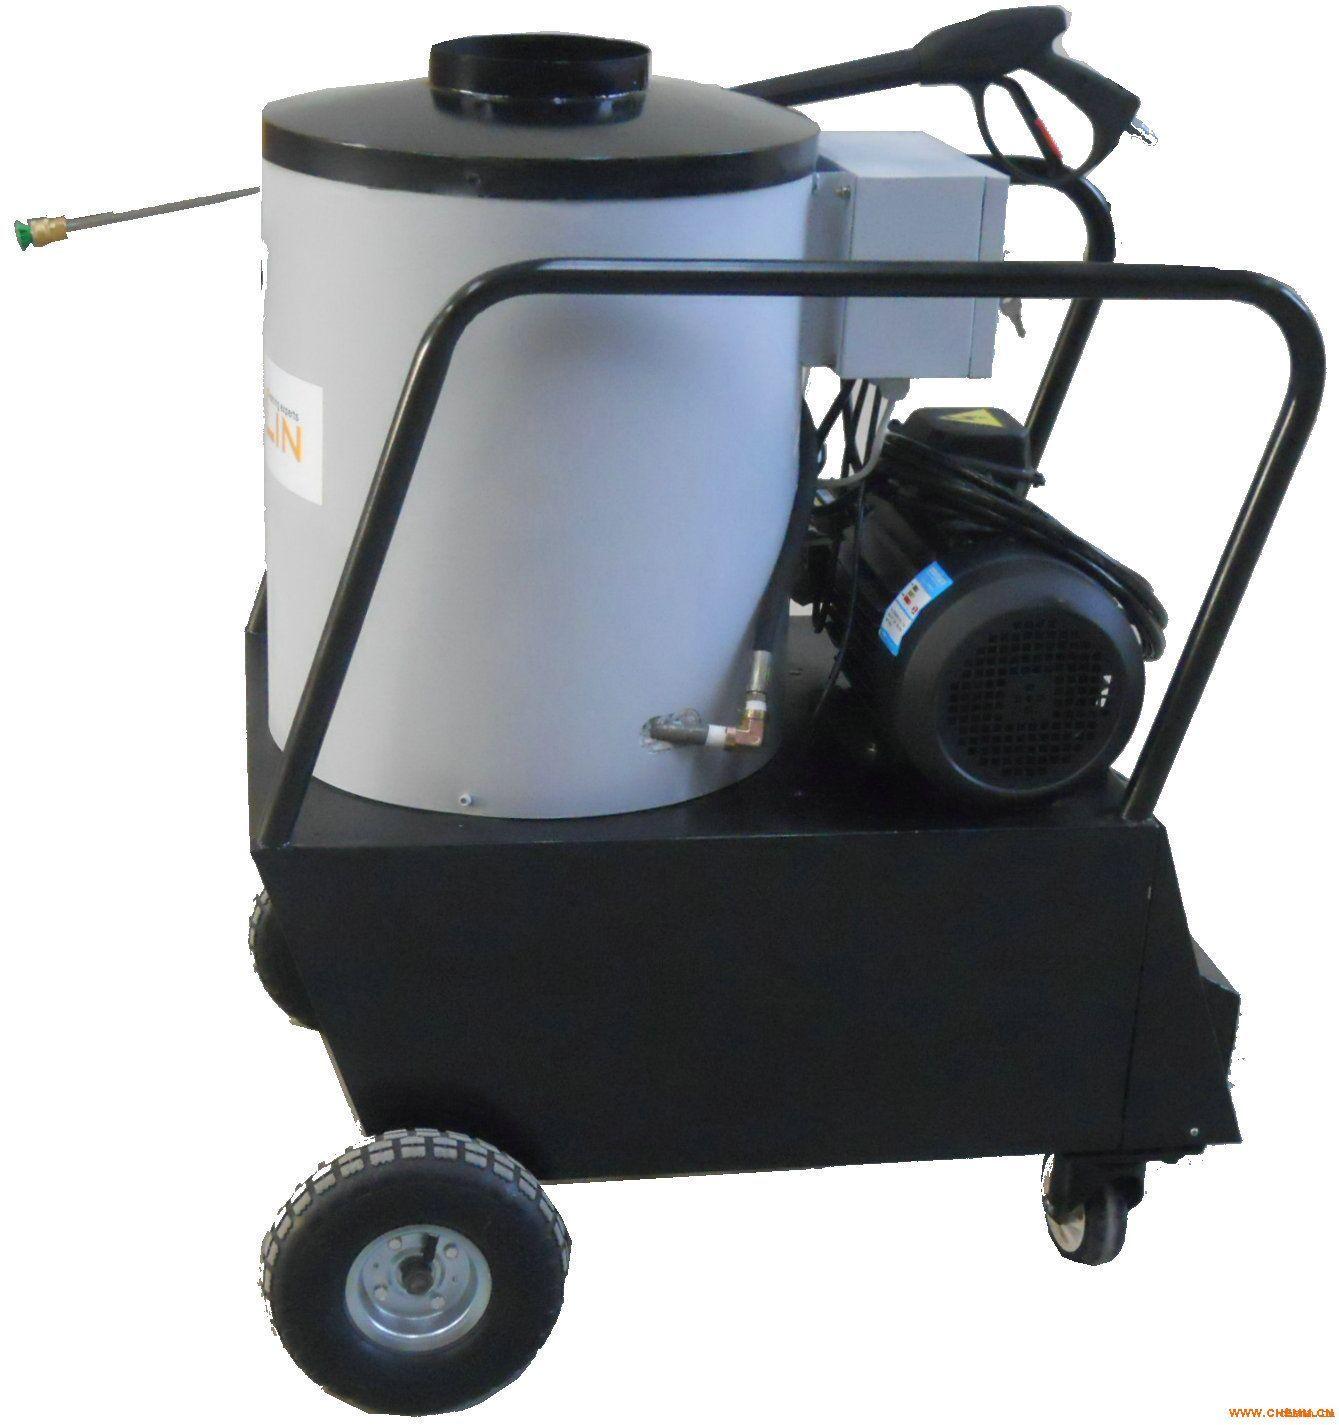 产品关键词:高压清洗机 油污清洗机 机油清洗机